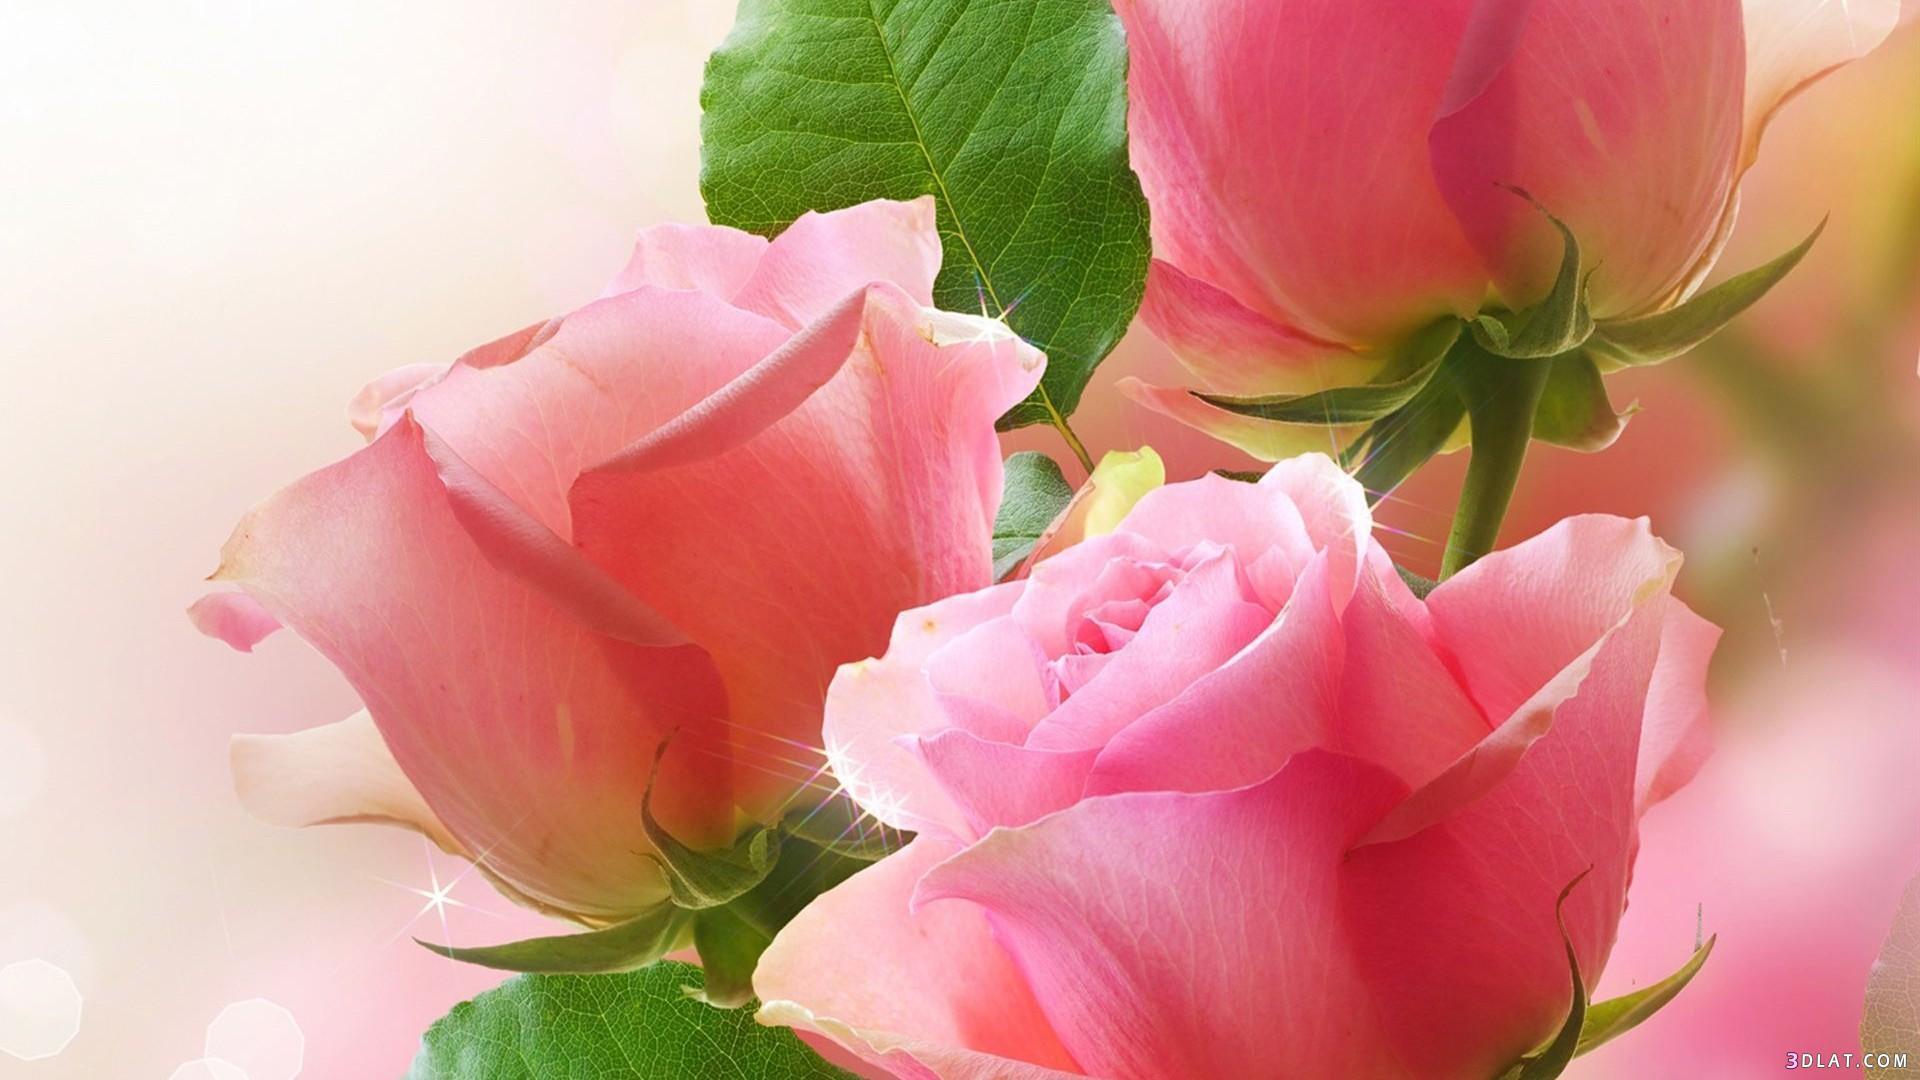 اكبر مجموعة الورد الرائعة لسطح المكتب 13661447871.jpg